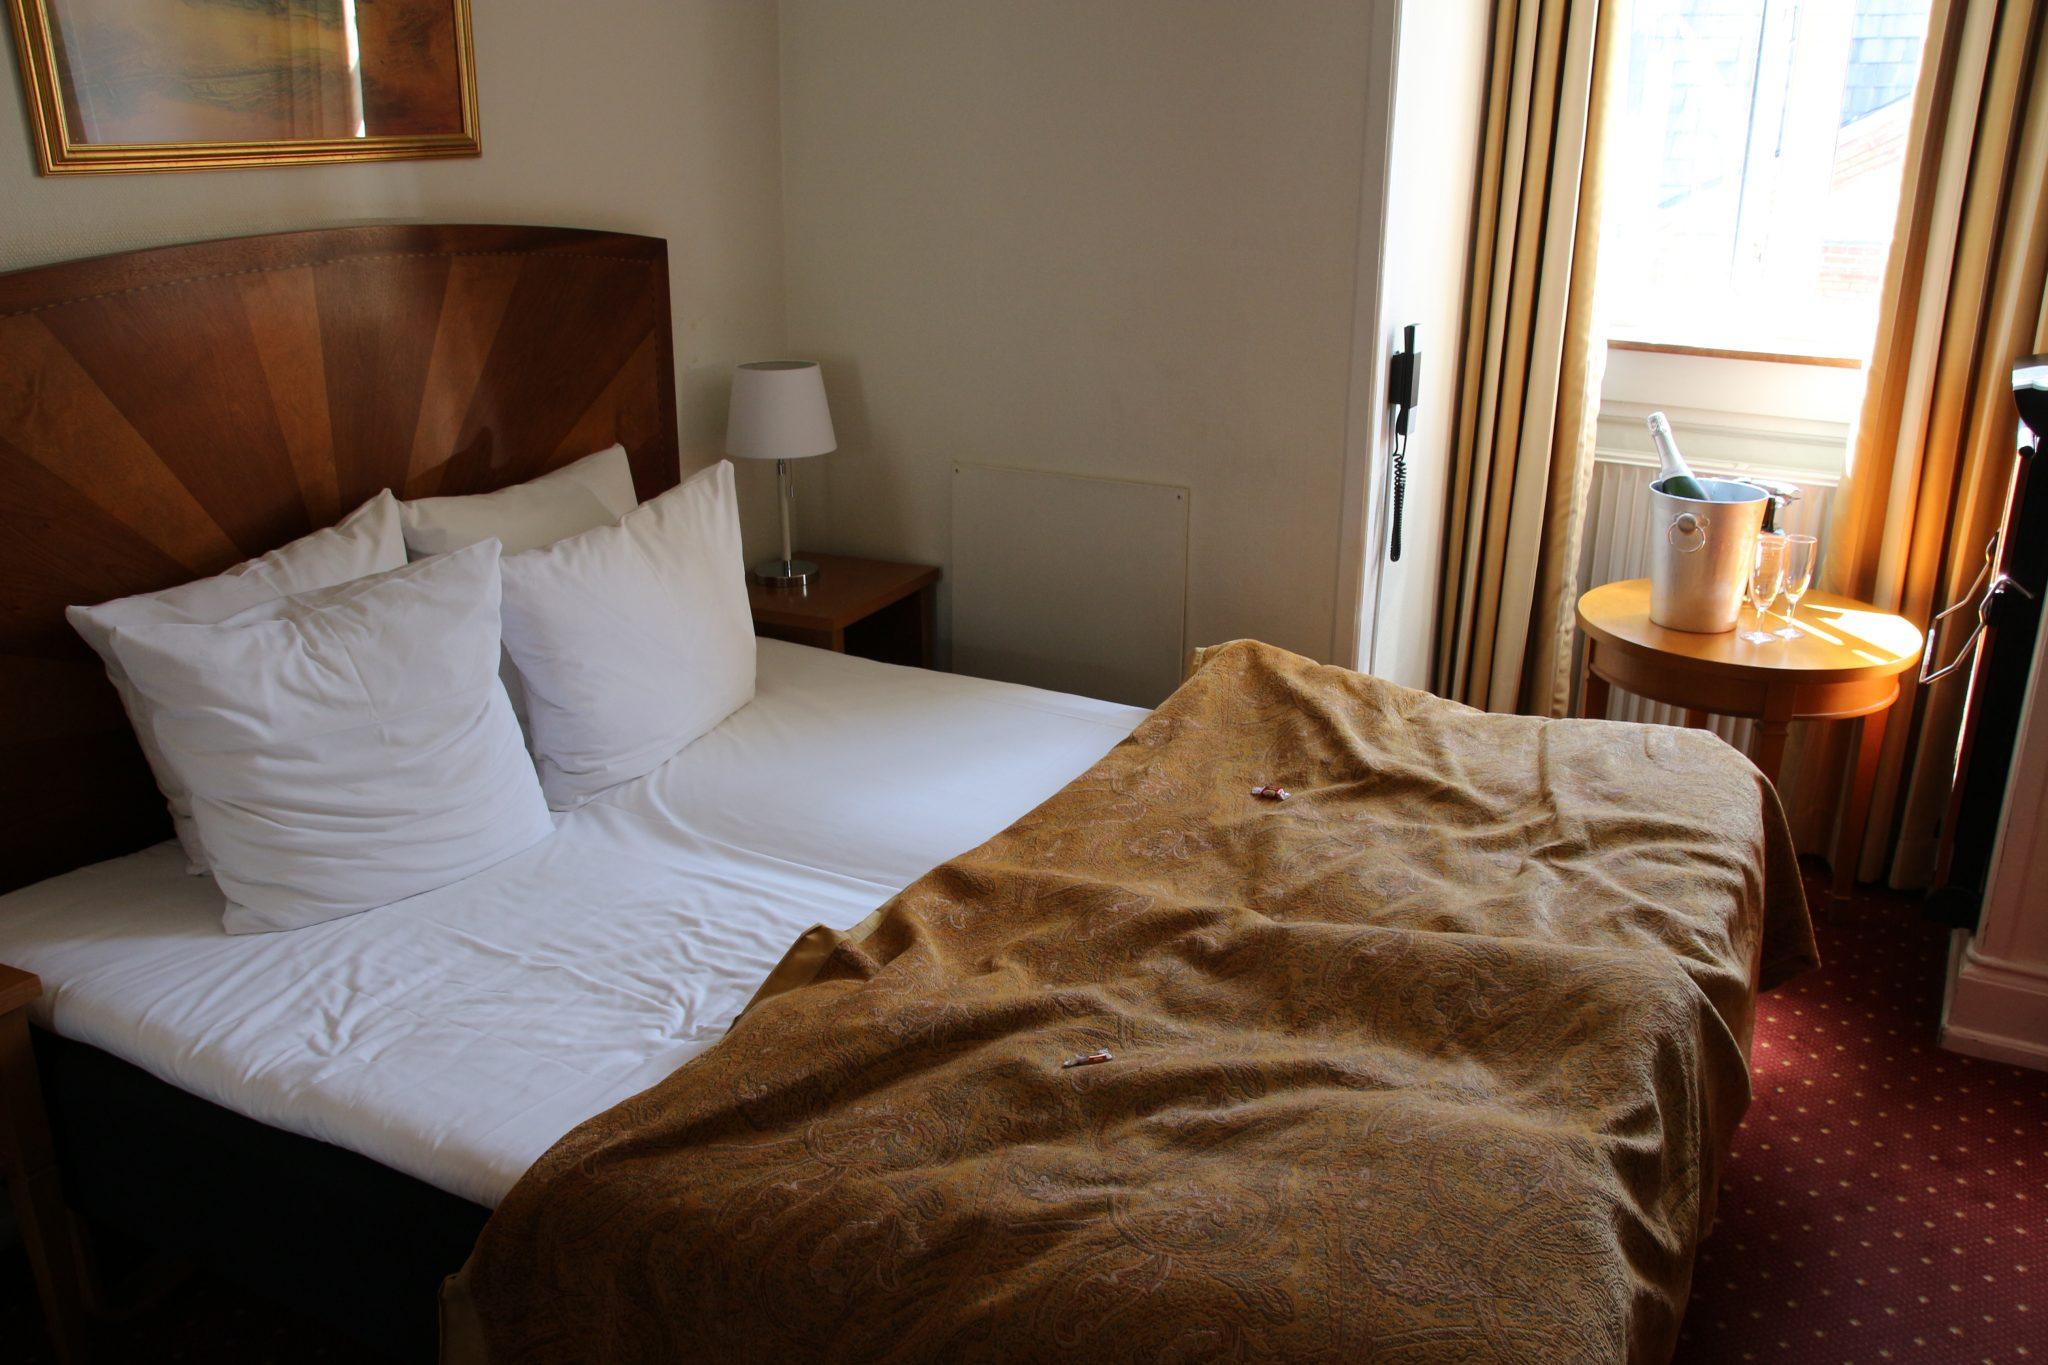 Our room at Best Western Hebron, Copenhagen, Denmark